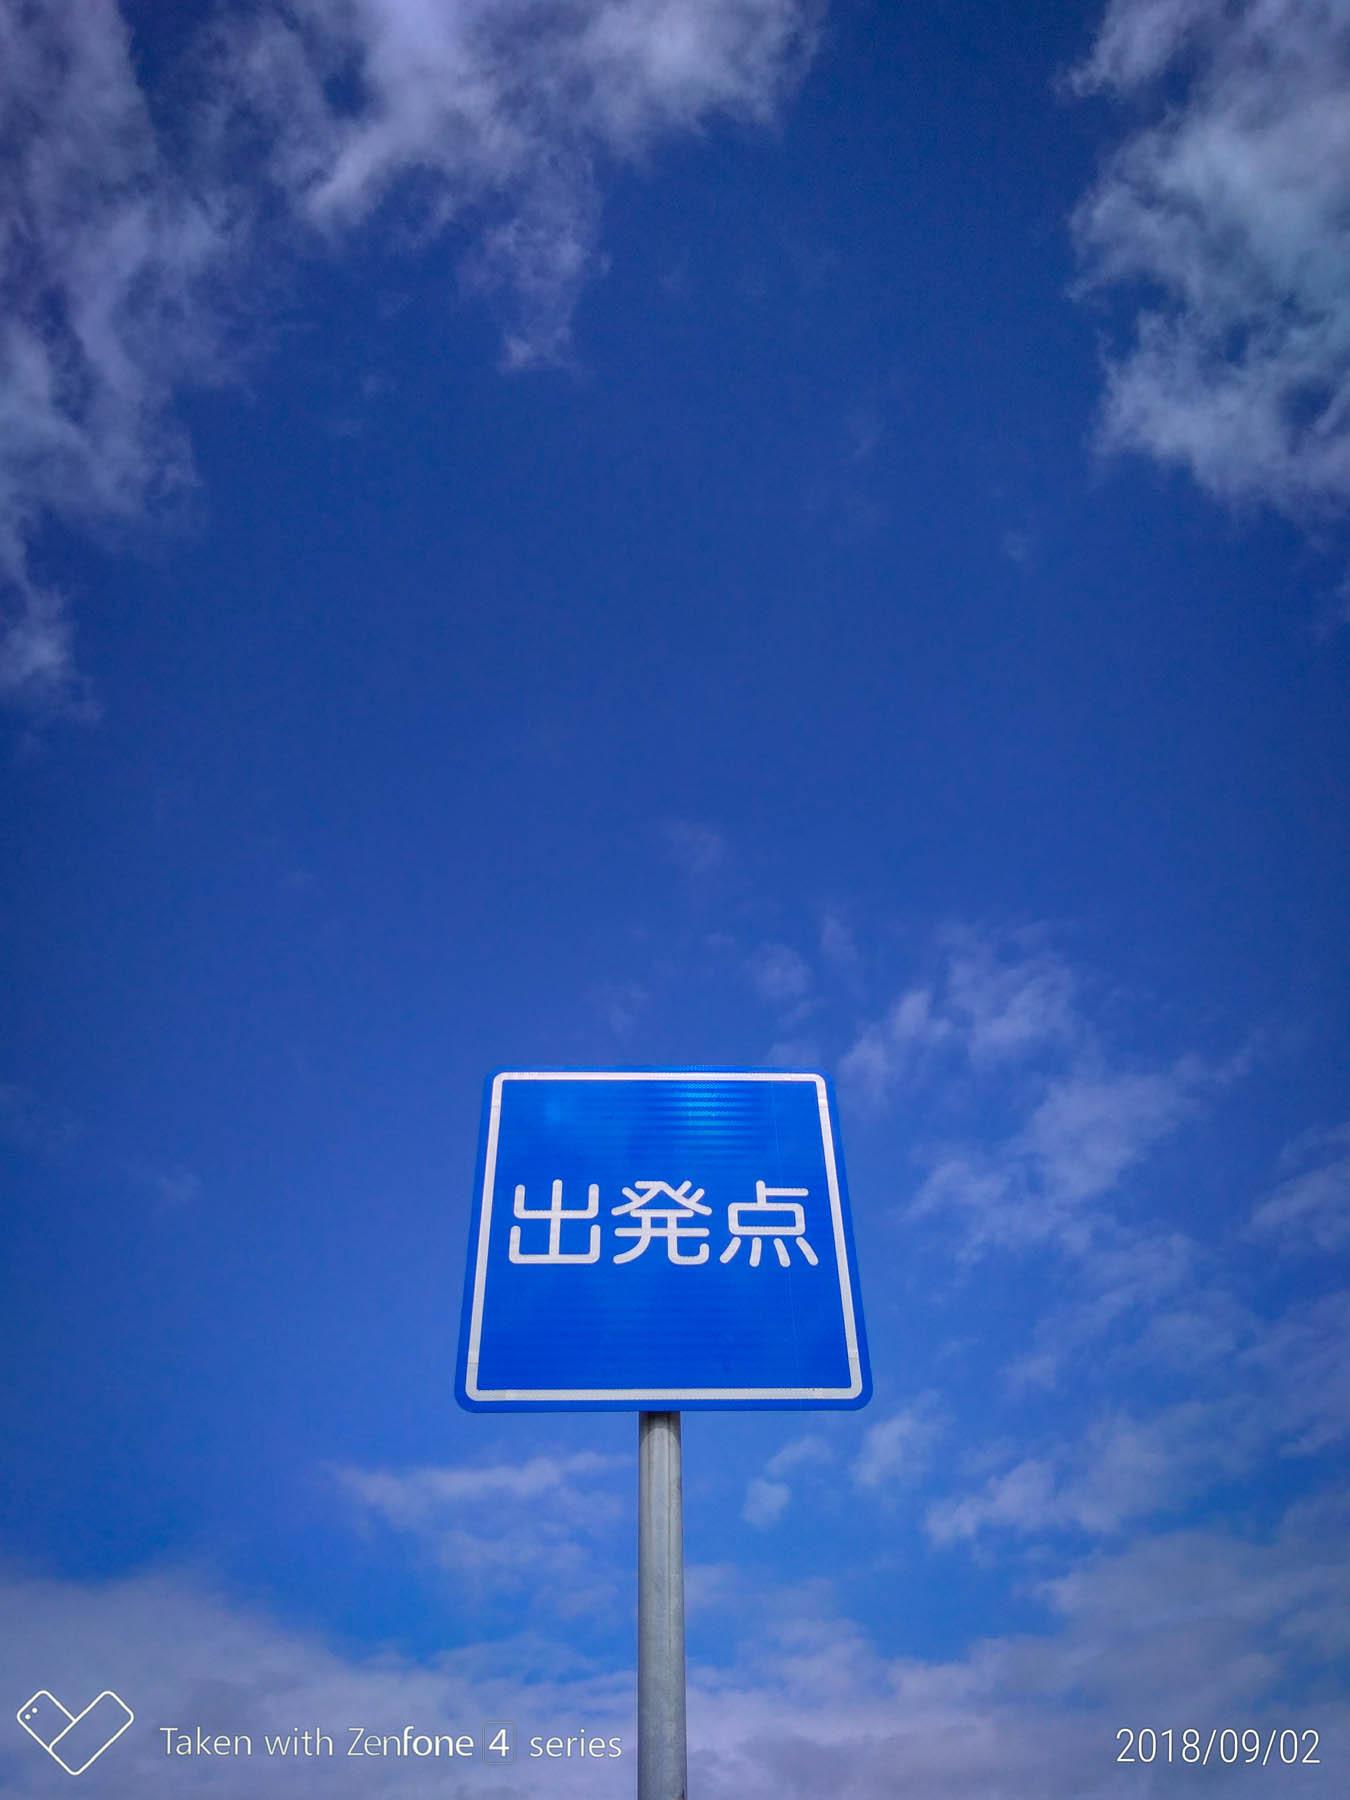 自動車試験場の標識と青い空